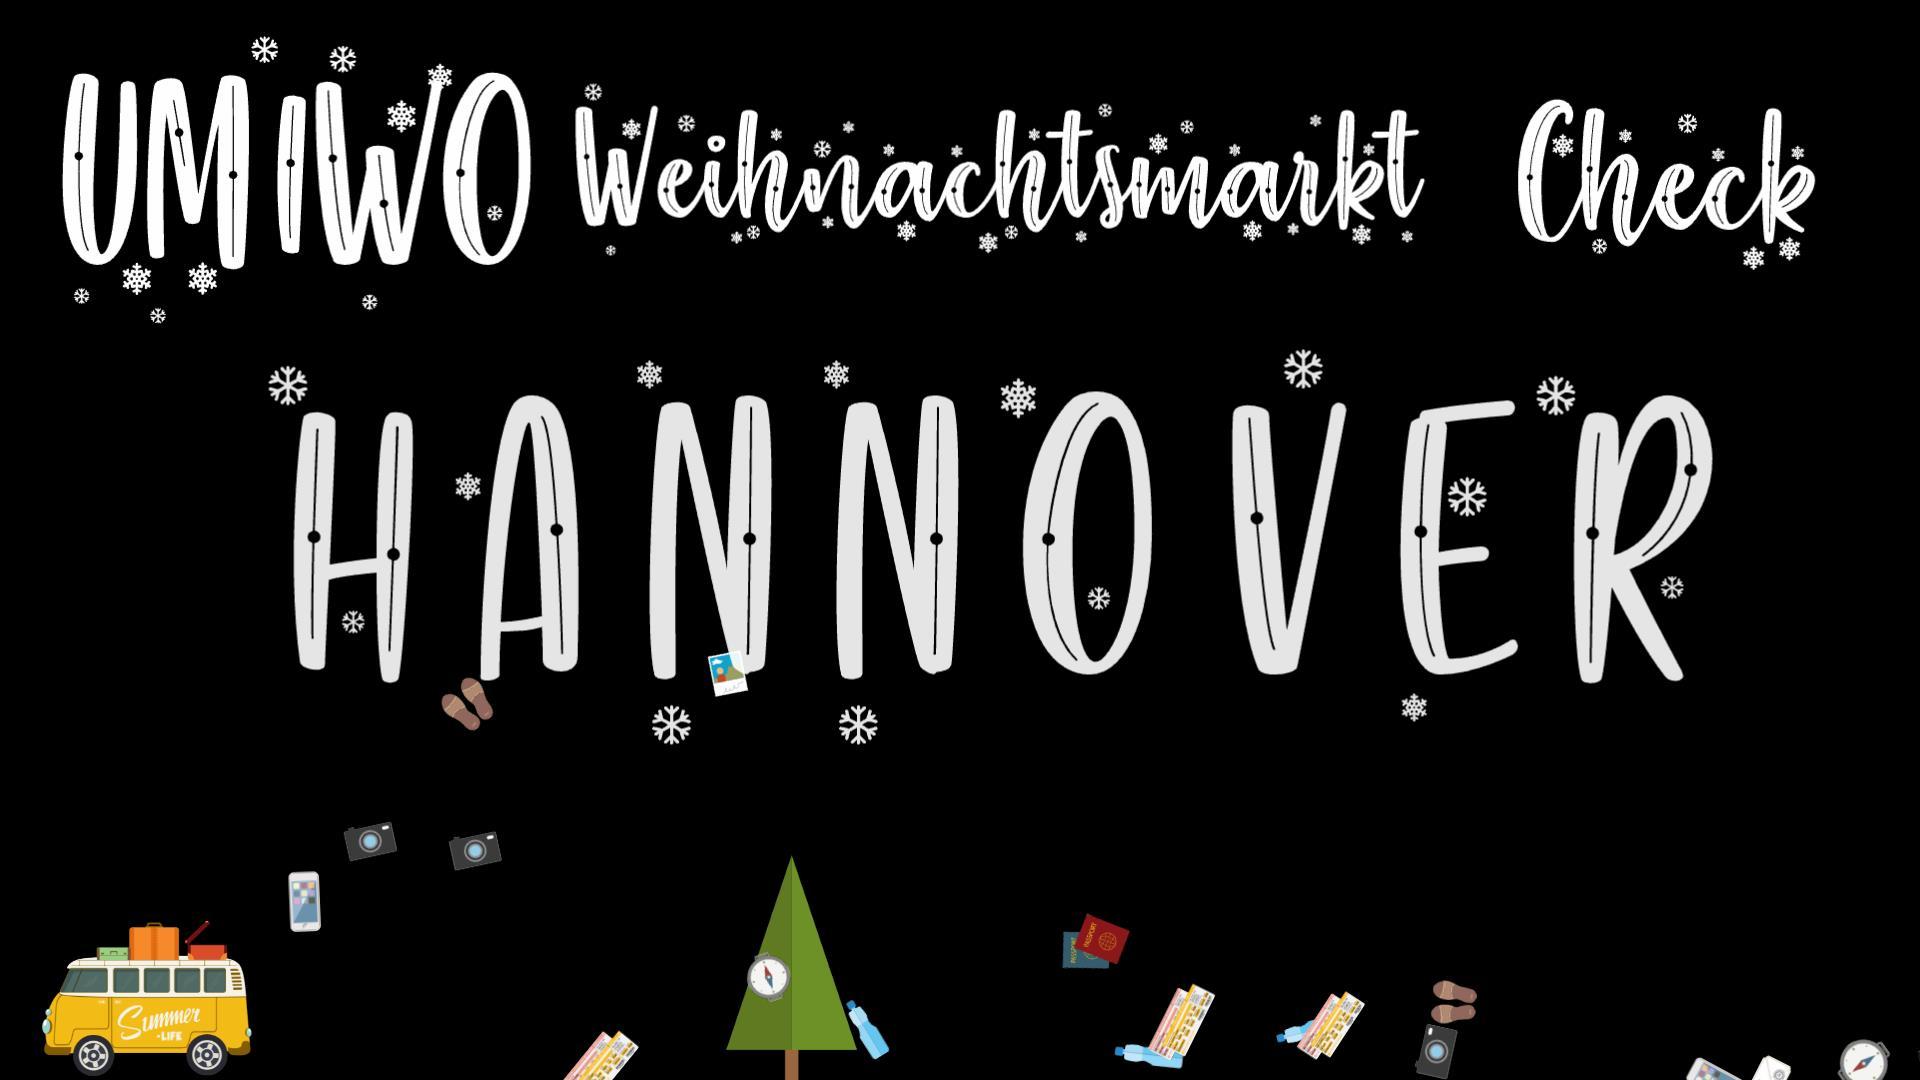 Weihnachtsmarkt Check Hannover Wohnmobil Stellplatz